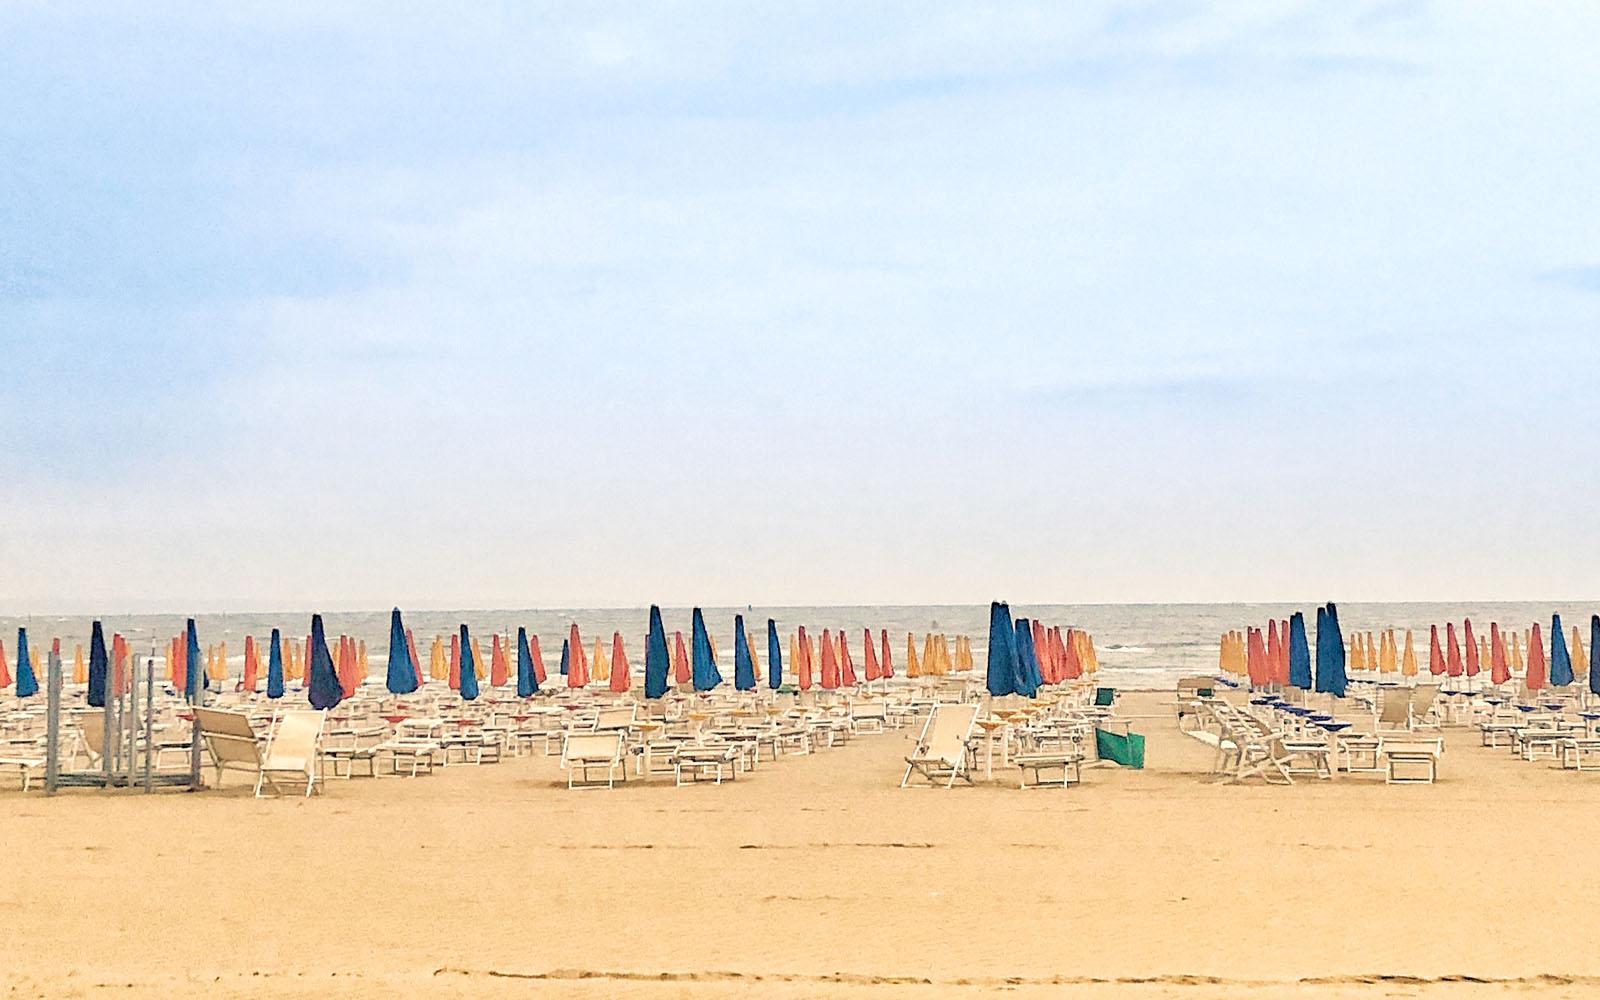 La spiaggia di Lignano Sabbiadoro.